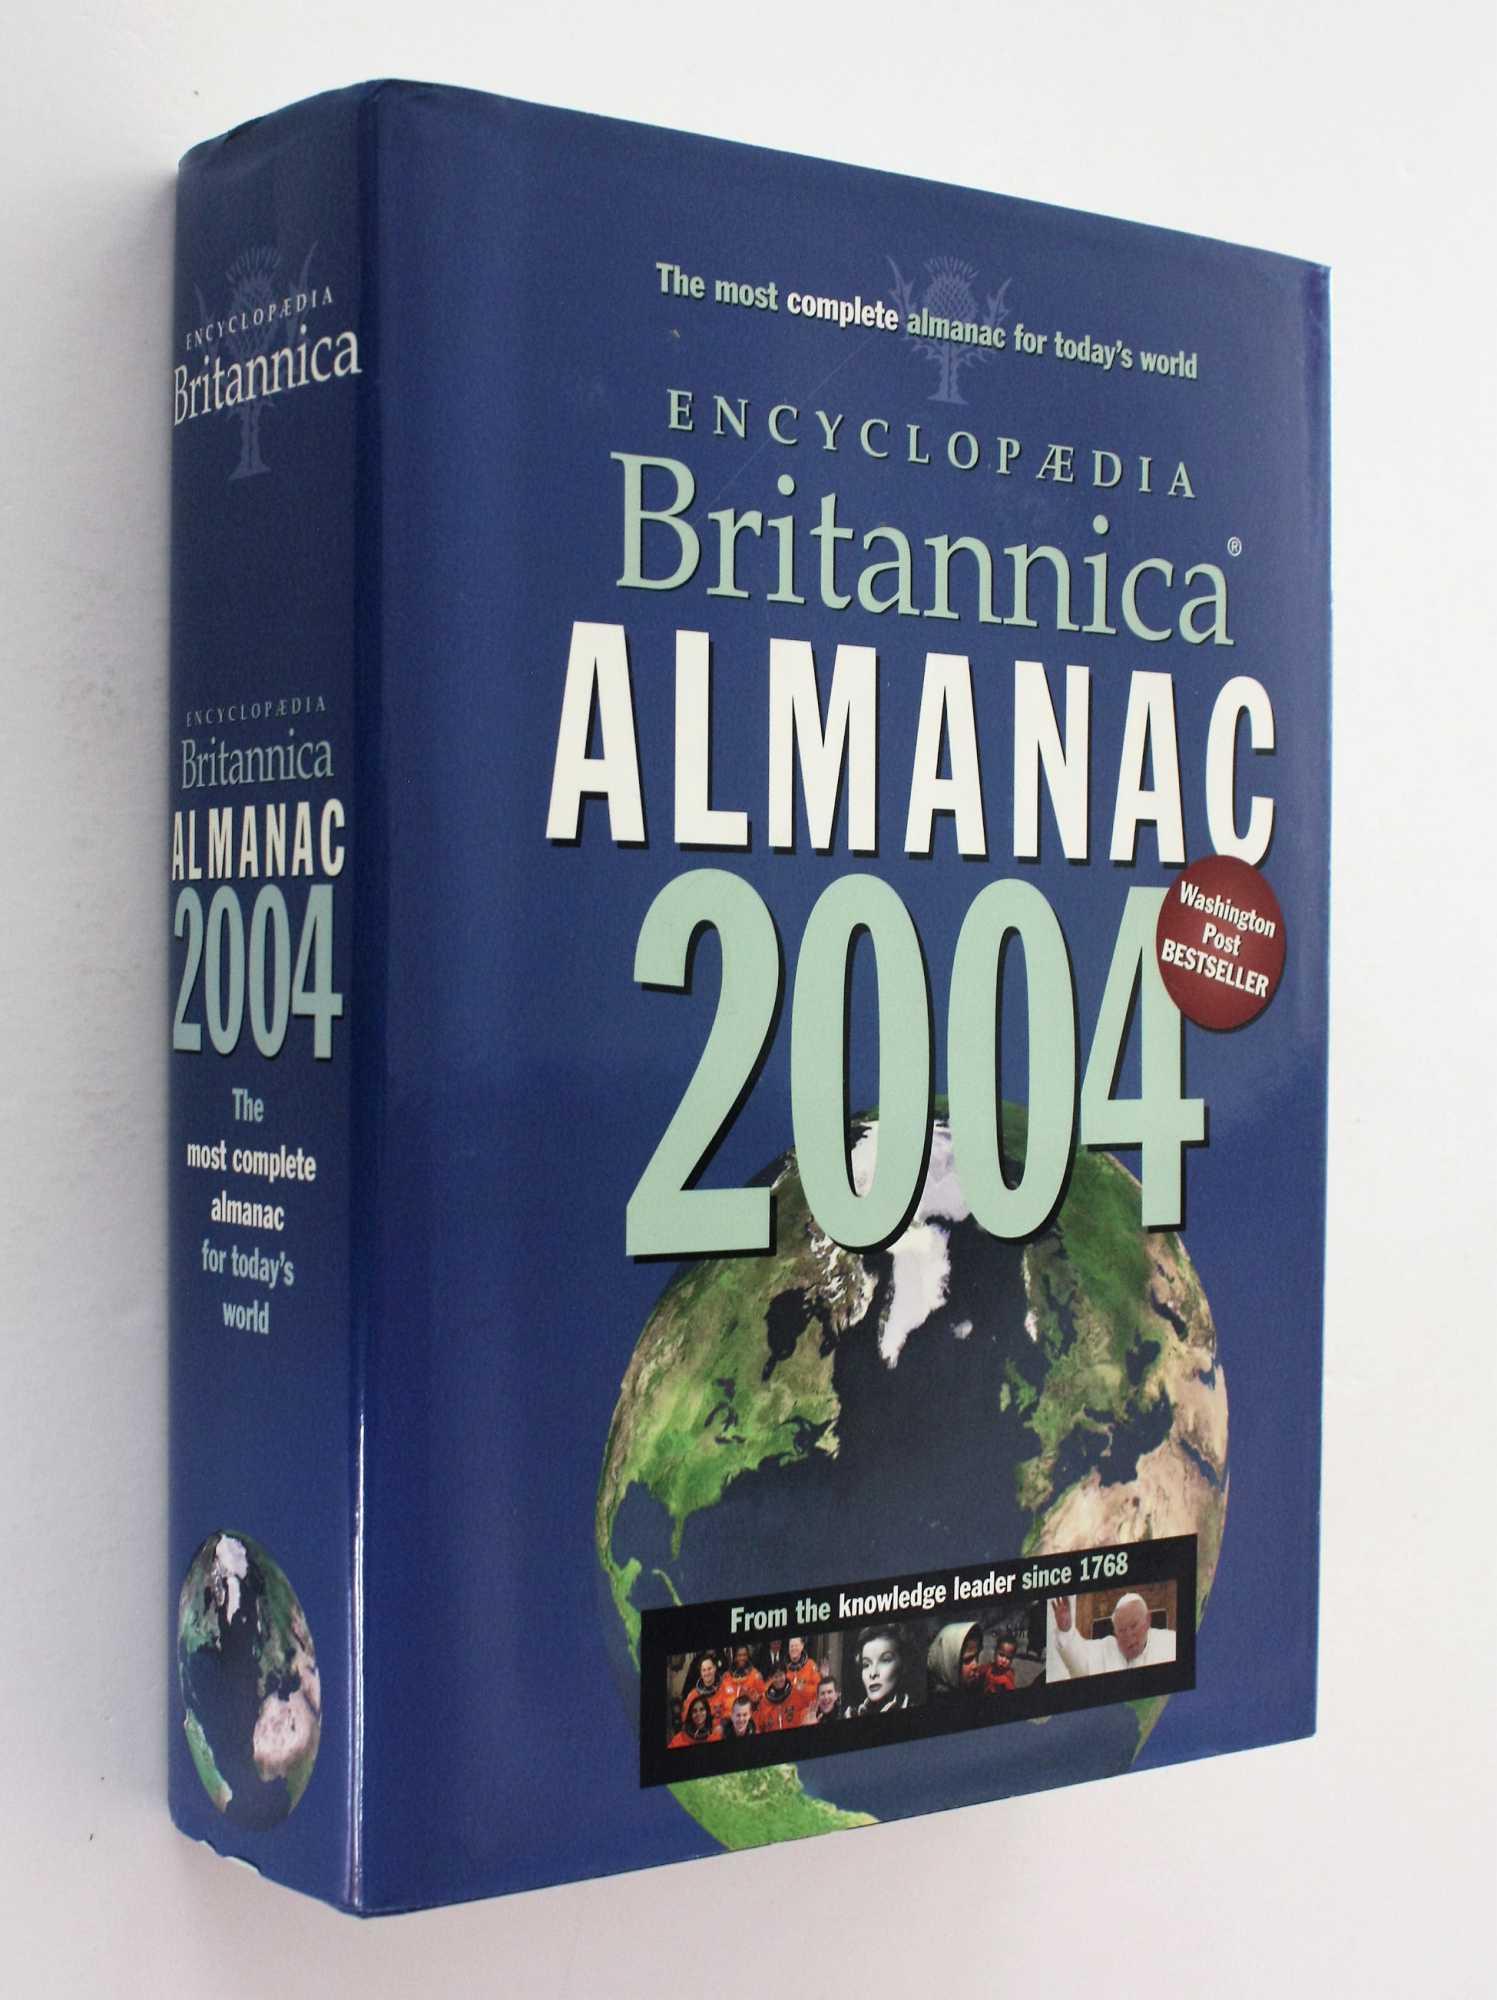 Encyclopaedia Britannica Almanac 2004, Safra, Jacob E.